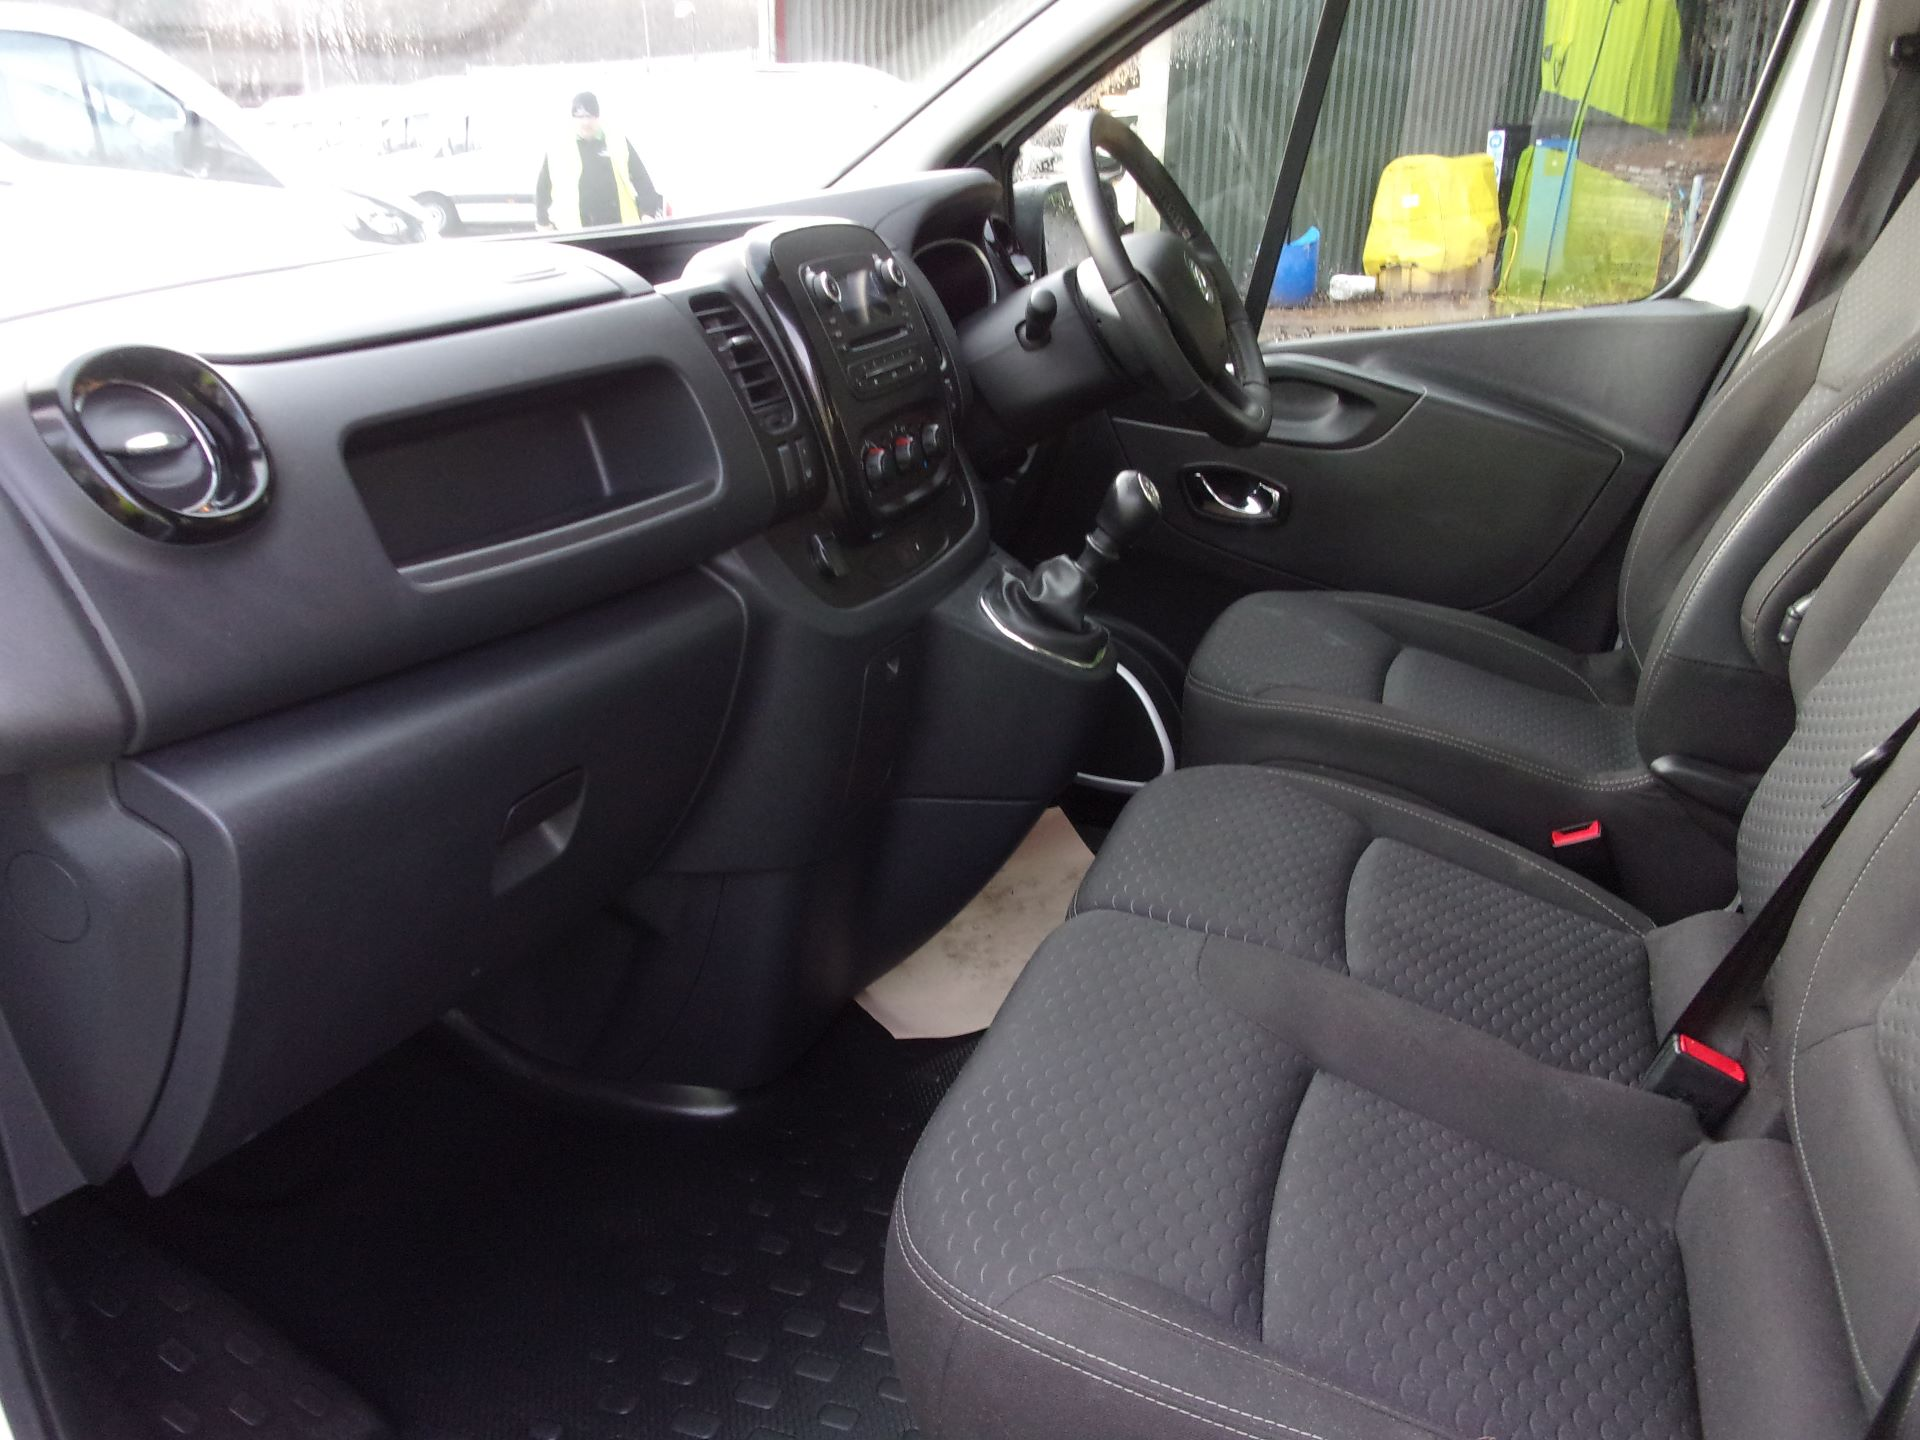 2018 Vauxhall Vivaro L2 H1 2900 1.6 CDTI 120PS SPORTIVE VAN EURO 6 (DV18RXU) Image 15